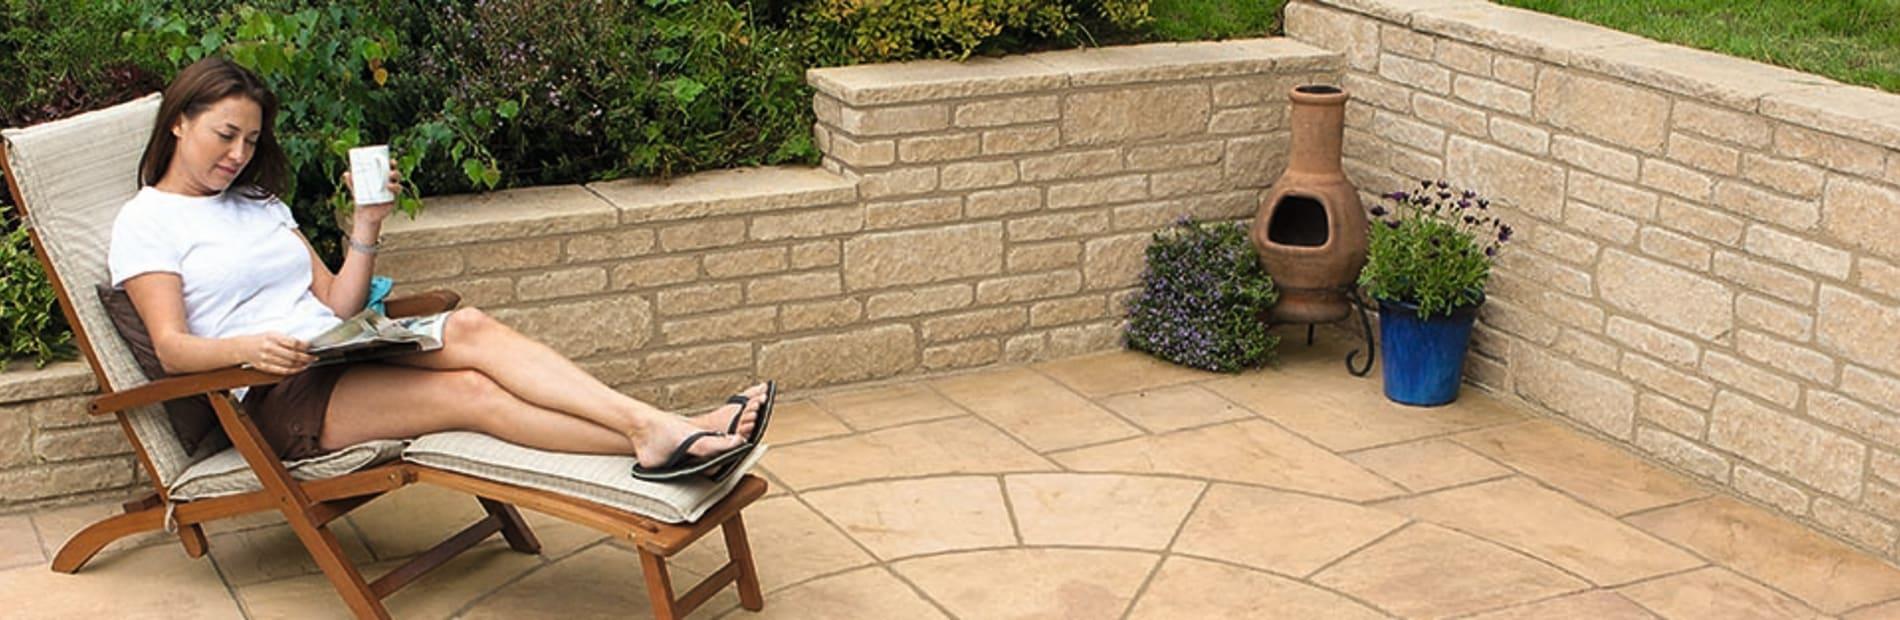 a woman reading a magazine in a garden.